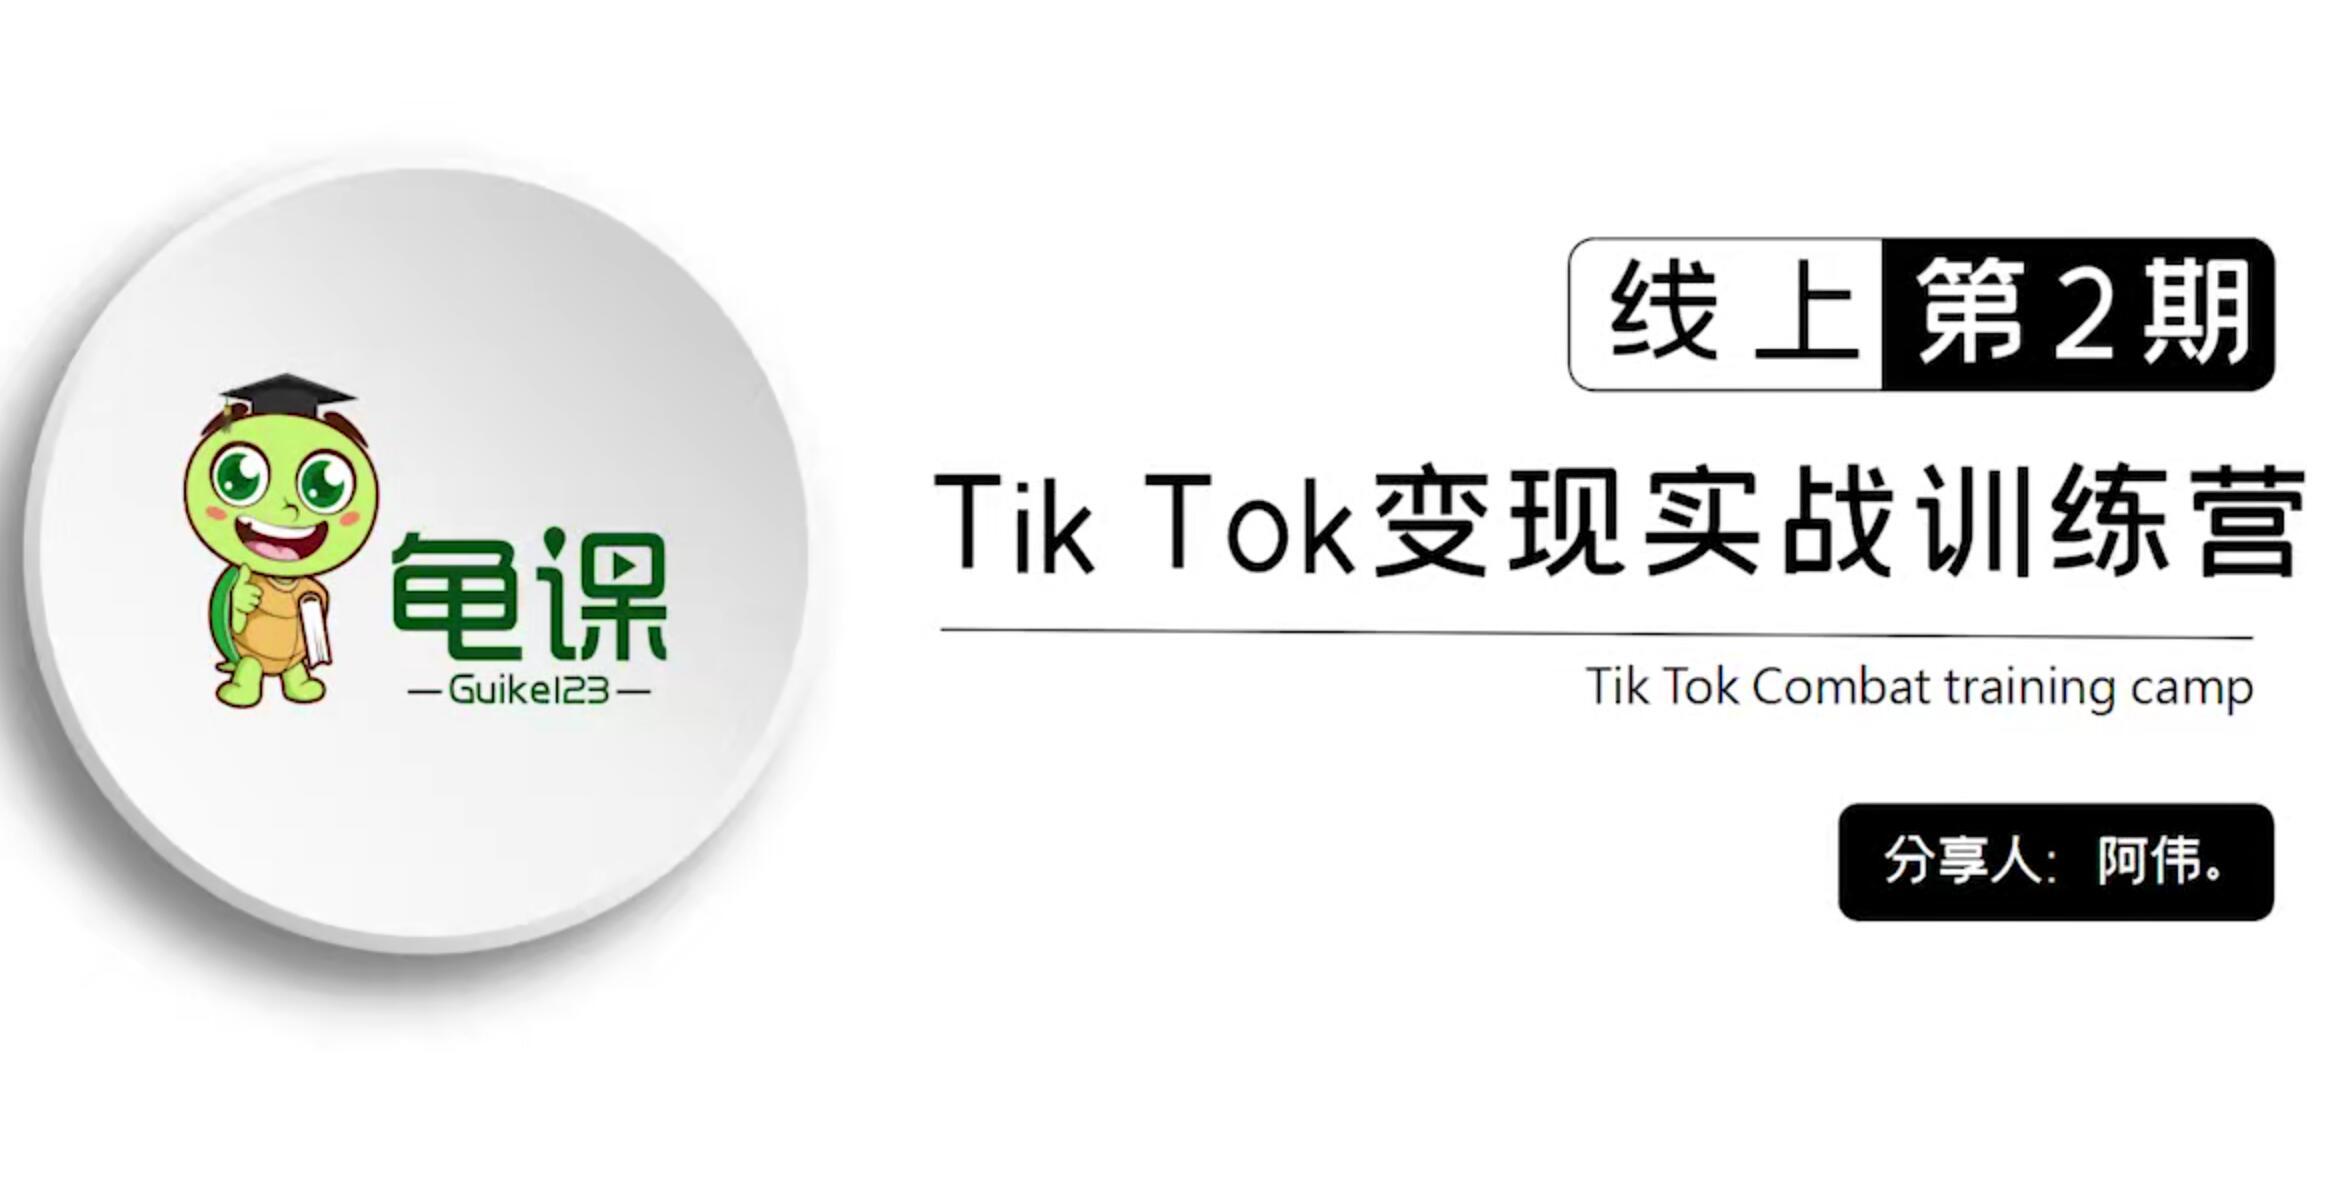 龟课·Tik Tok变现实战训练营线上第1-2期,价值1298元【无水印】